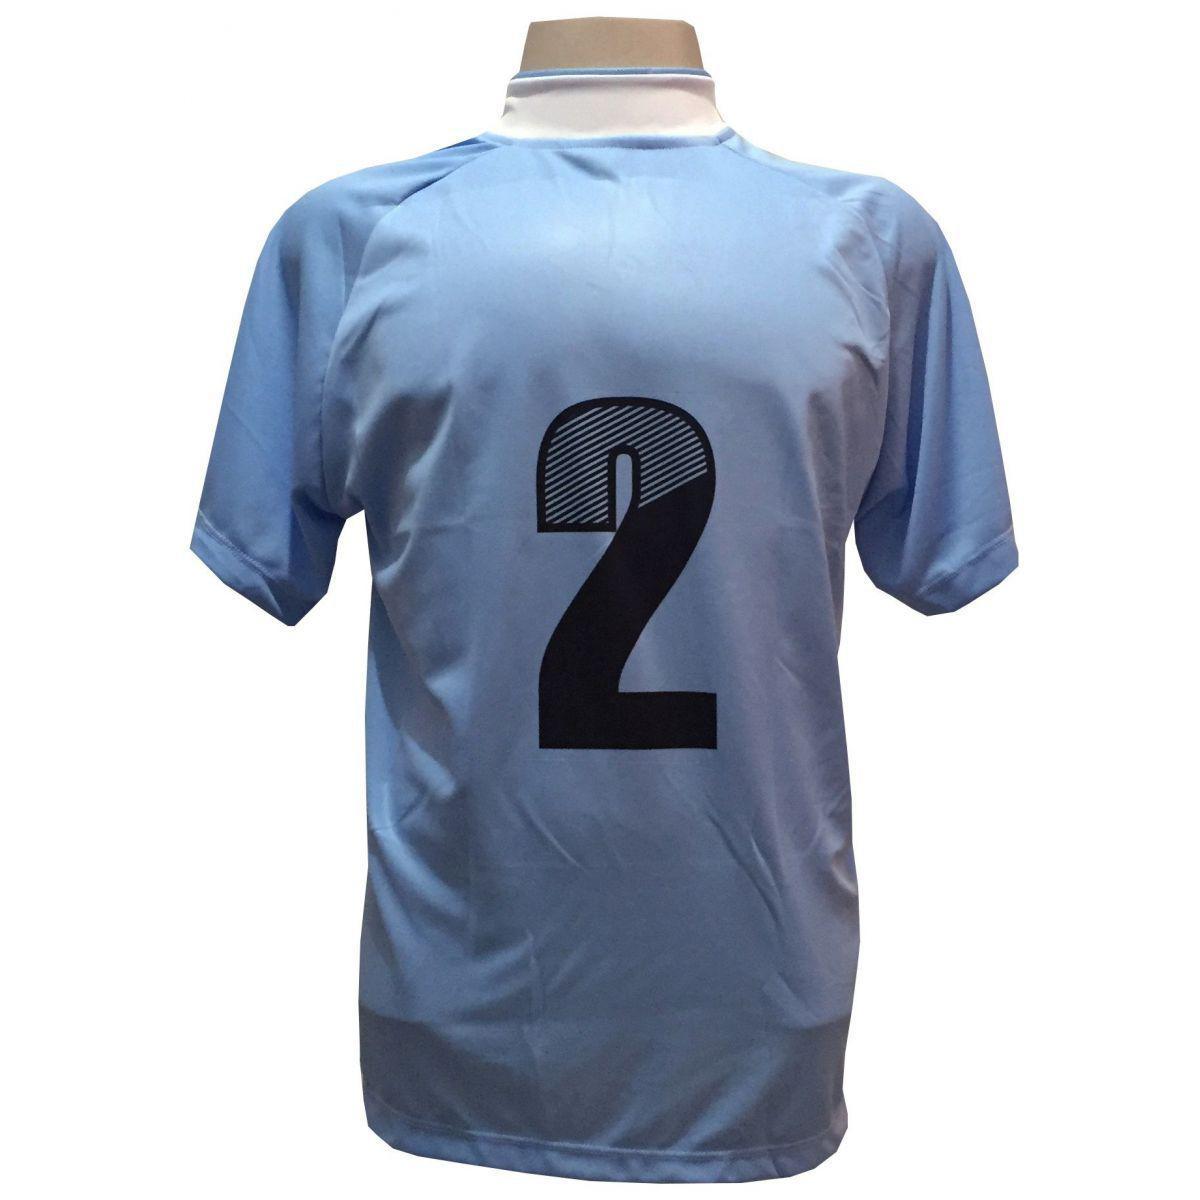 58e626f589 Uniforme Esportivo com 20 camisas modelo Milan Celeste Branco + 20 calções  modelo Madrid + 1 Goleiro + Brindes - Play fair - Futebol - Magazine Luiza